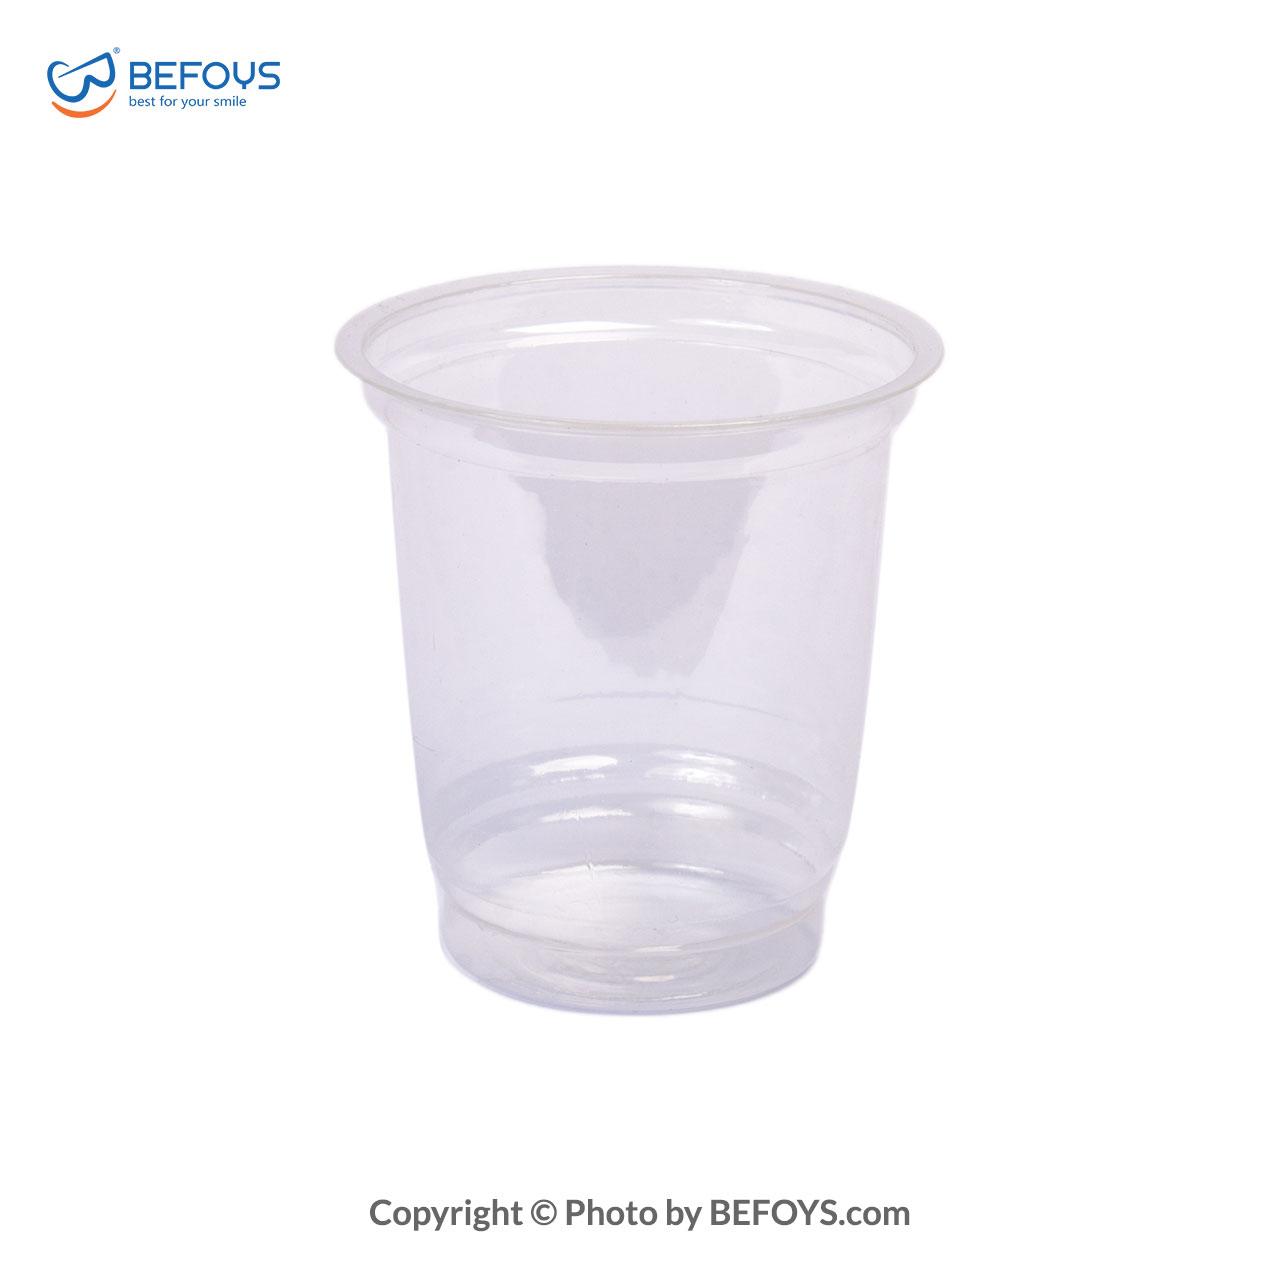 لیوان یکبار مصرف  تندیس 400 سی سی